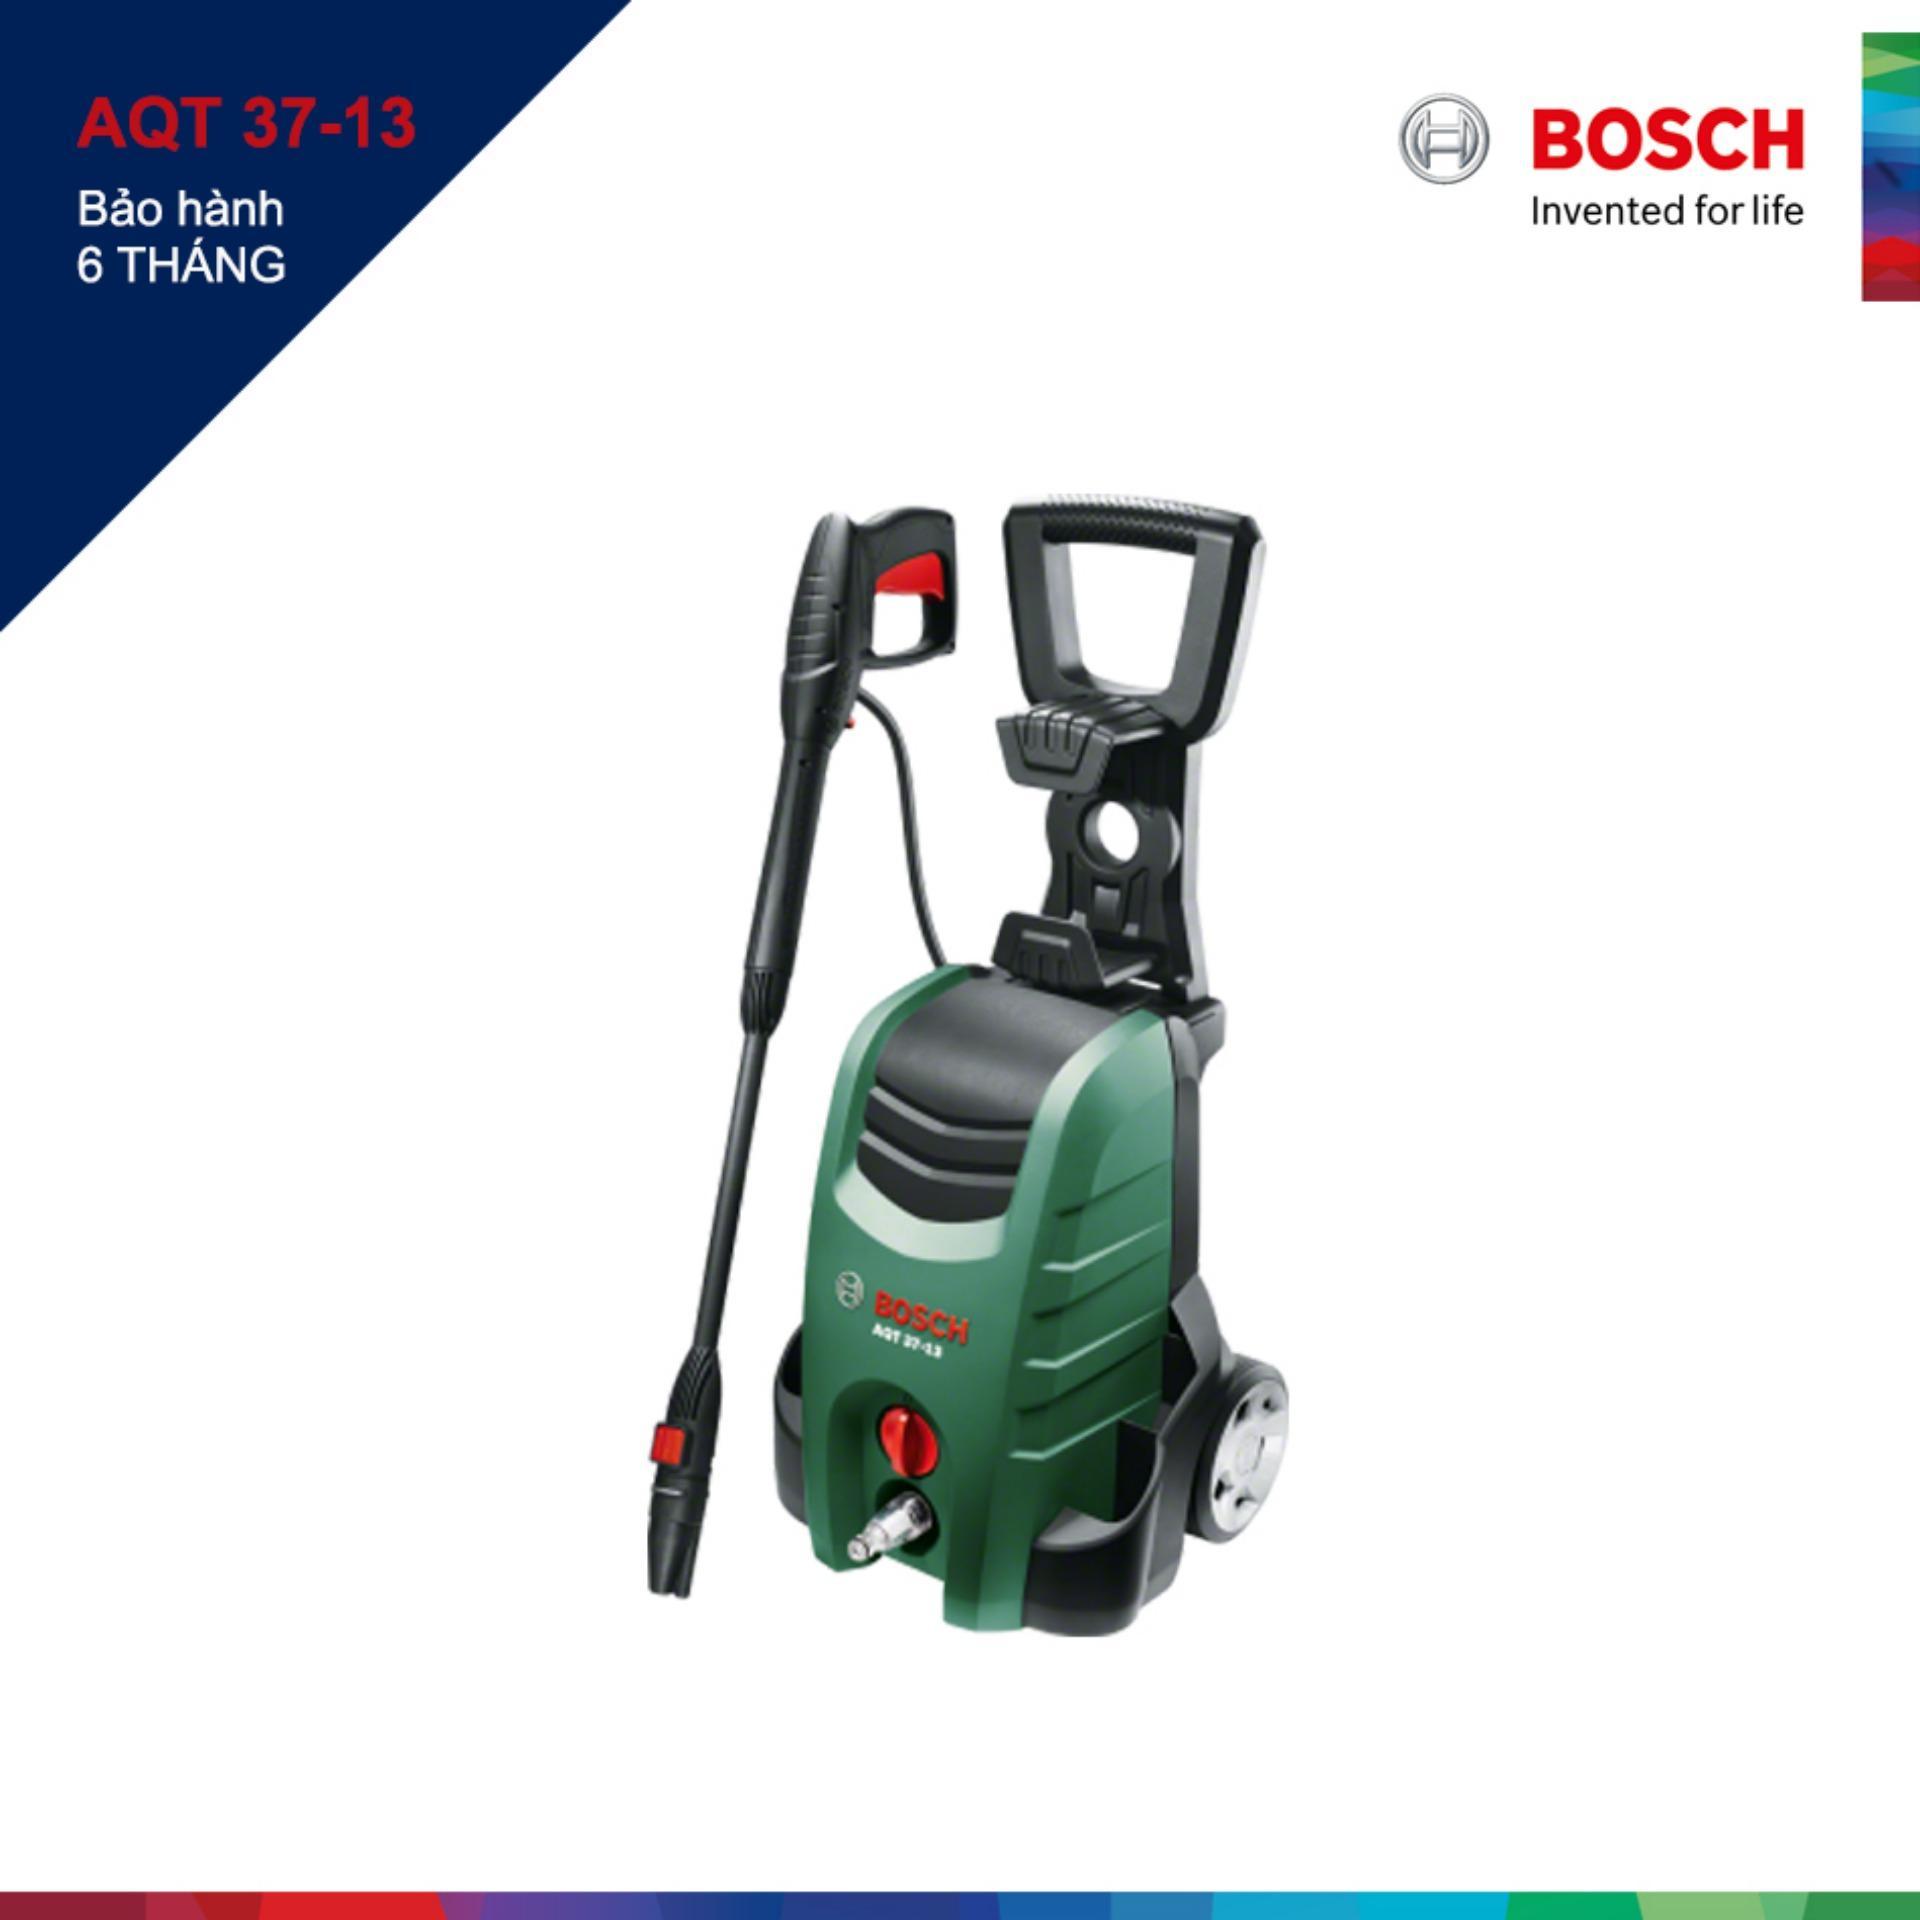 Máy phun xịt rửa cao cấp Bosch AQT 37-13 (Xanh phối đen)